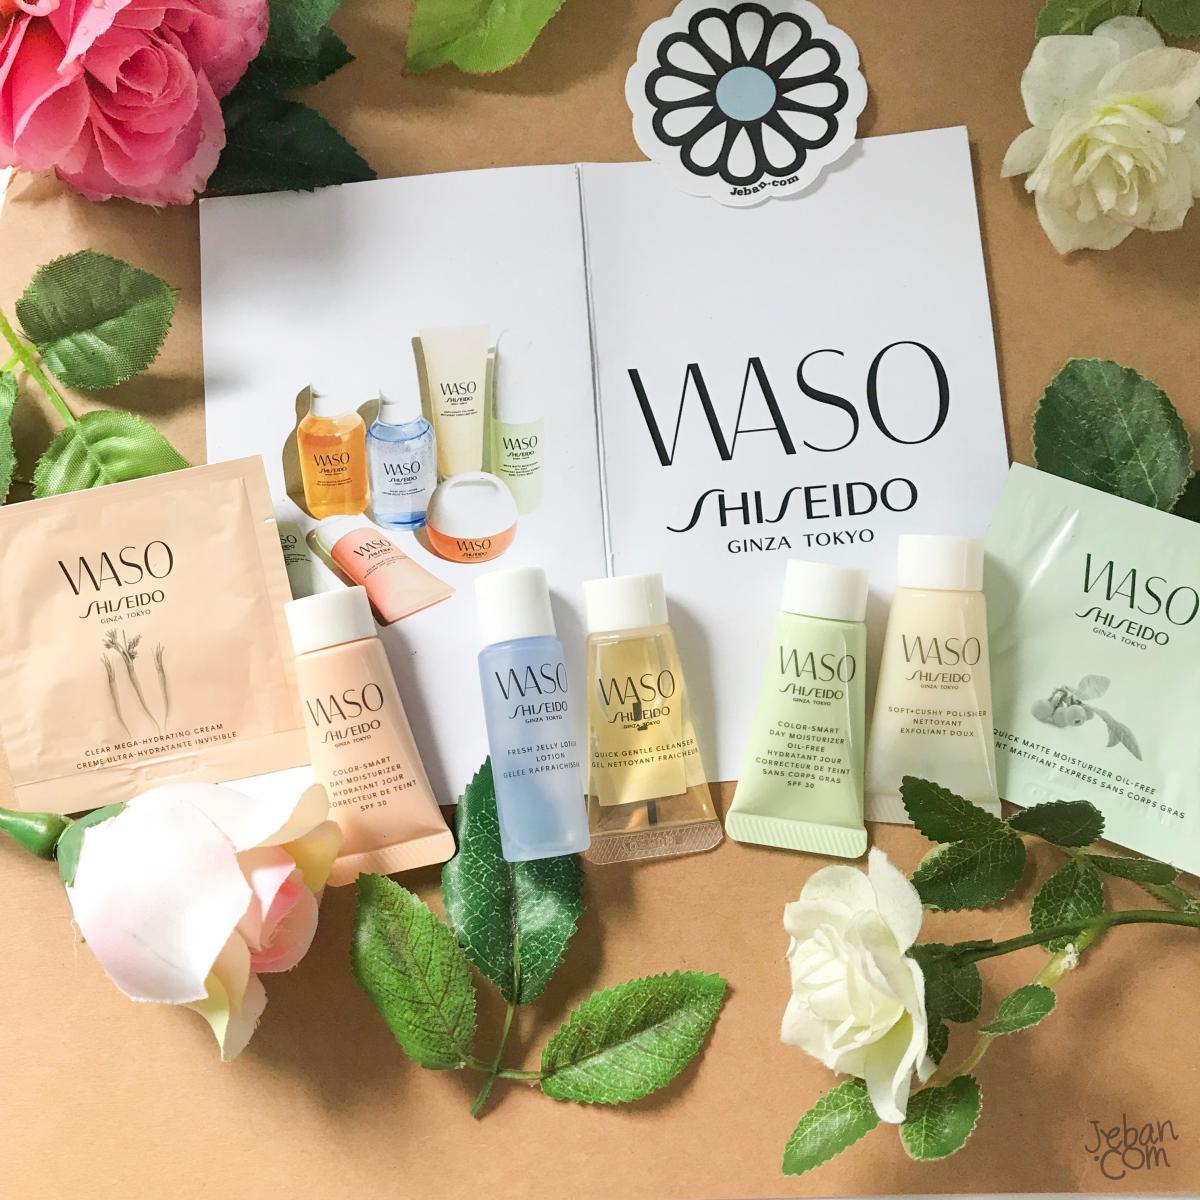 [REVIEW By Fernn] อินหนักมากกับ WASO by Shiseido พลังแห่งพืชพรรณจากธรรมชาติสู่ผิว